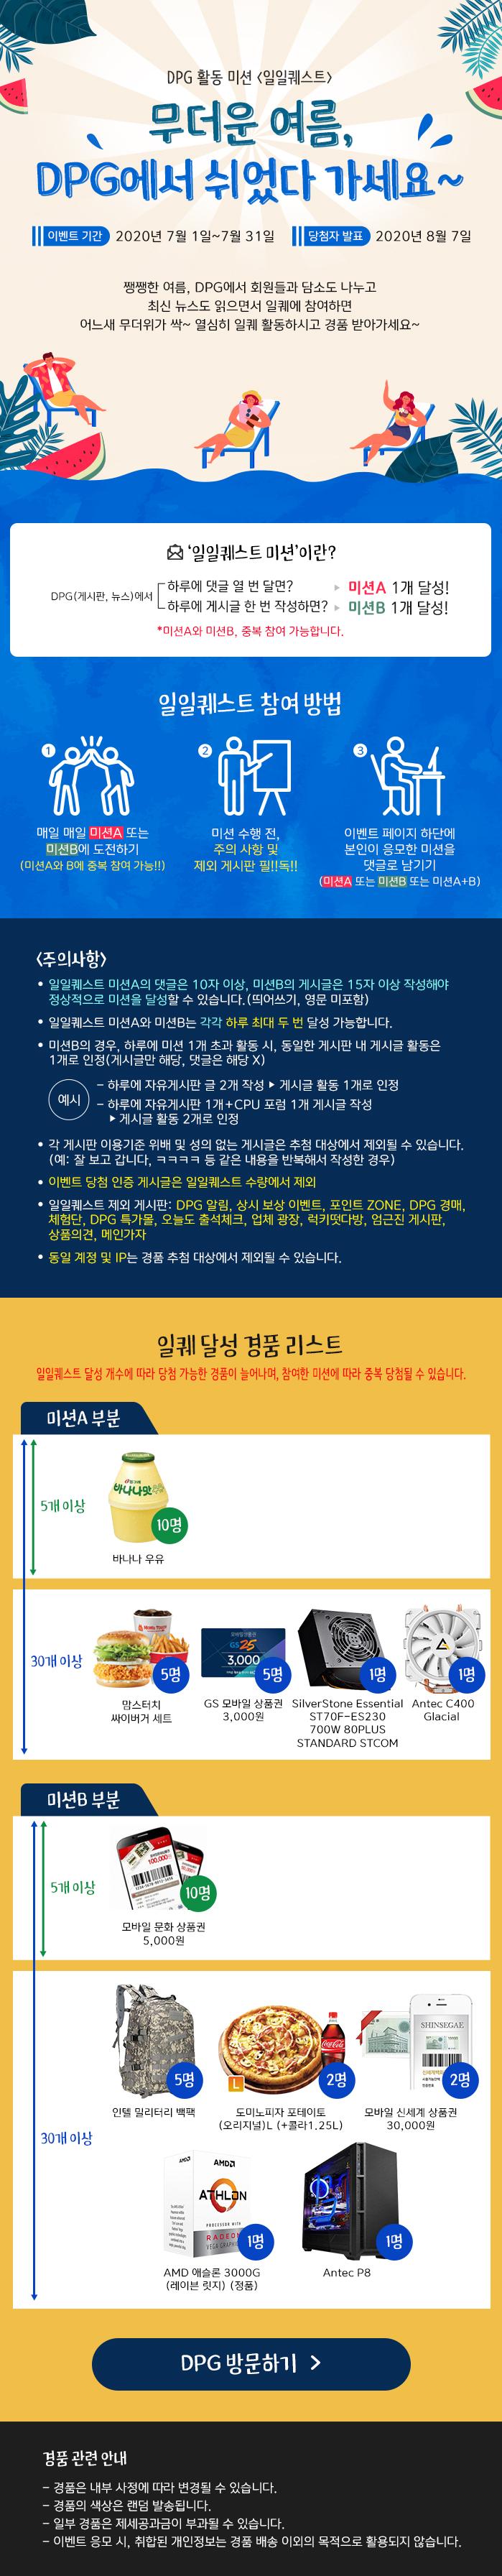 DPG 활동 미션 <일일퀘스트>무더운 여름, DPG에서 쉬었다 가세요~